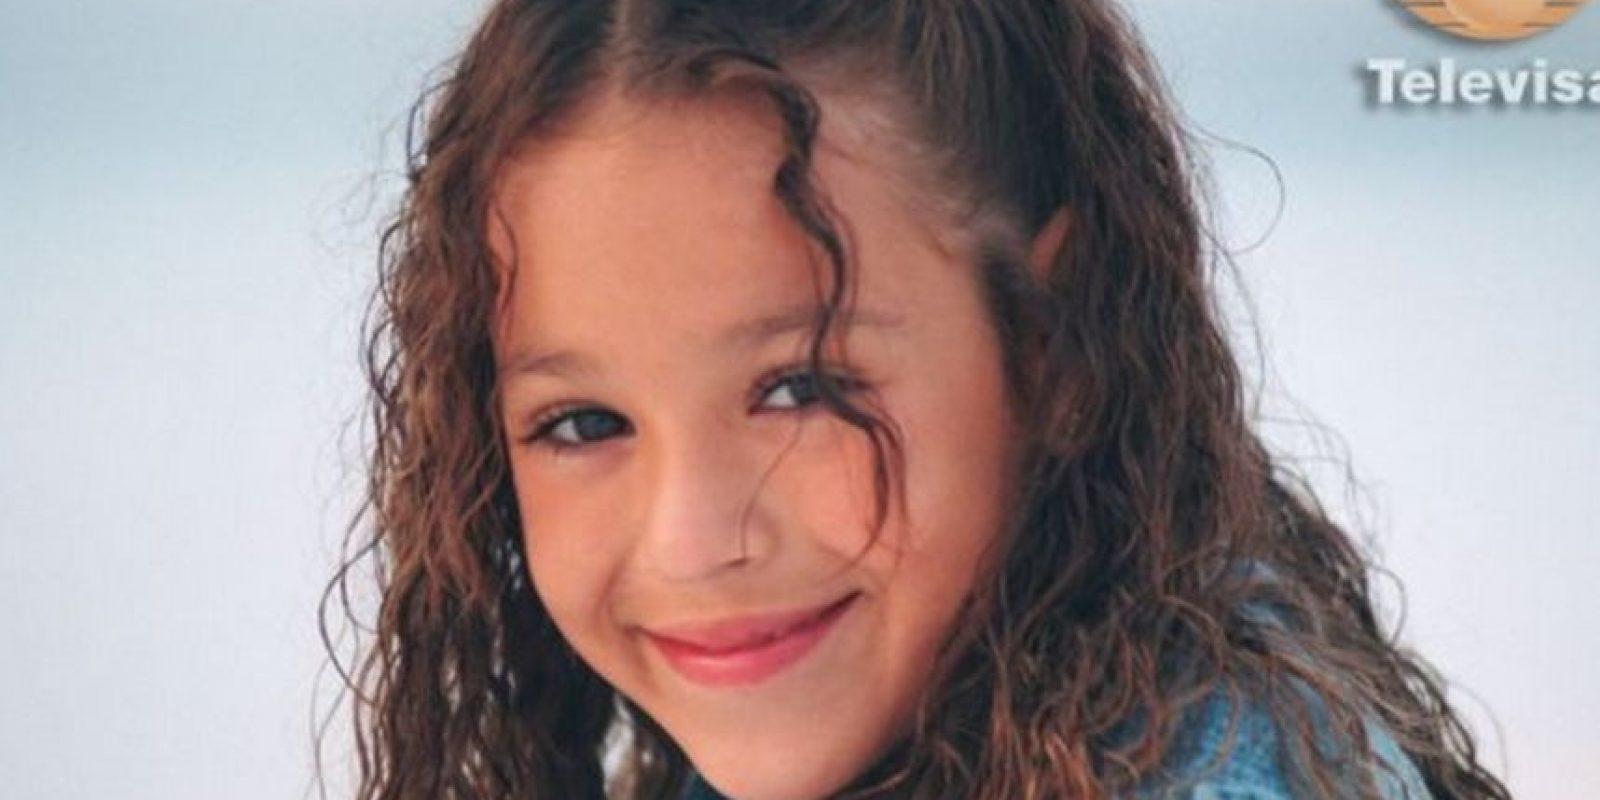 """En 2004 protagonizó la telenovela """"Amy, la niña de la mochila azul"""" y, a la par, continuó con su carrera como cantante. Foto:Televisa"""